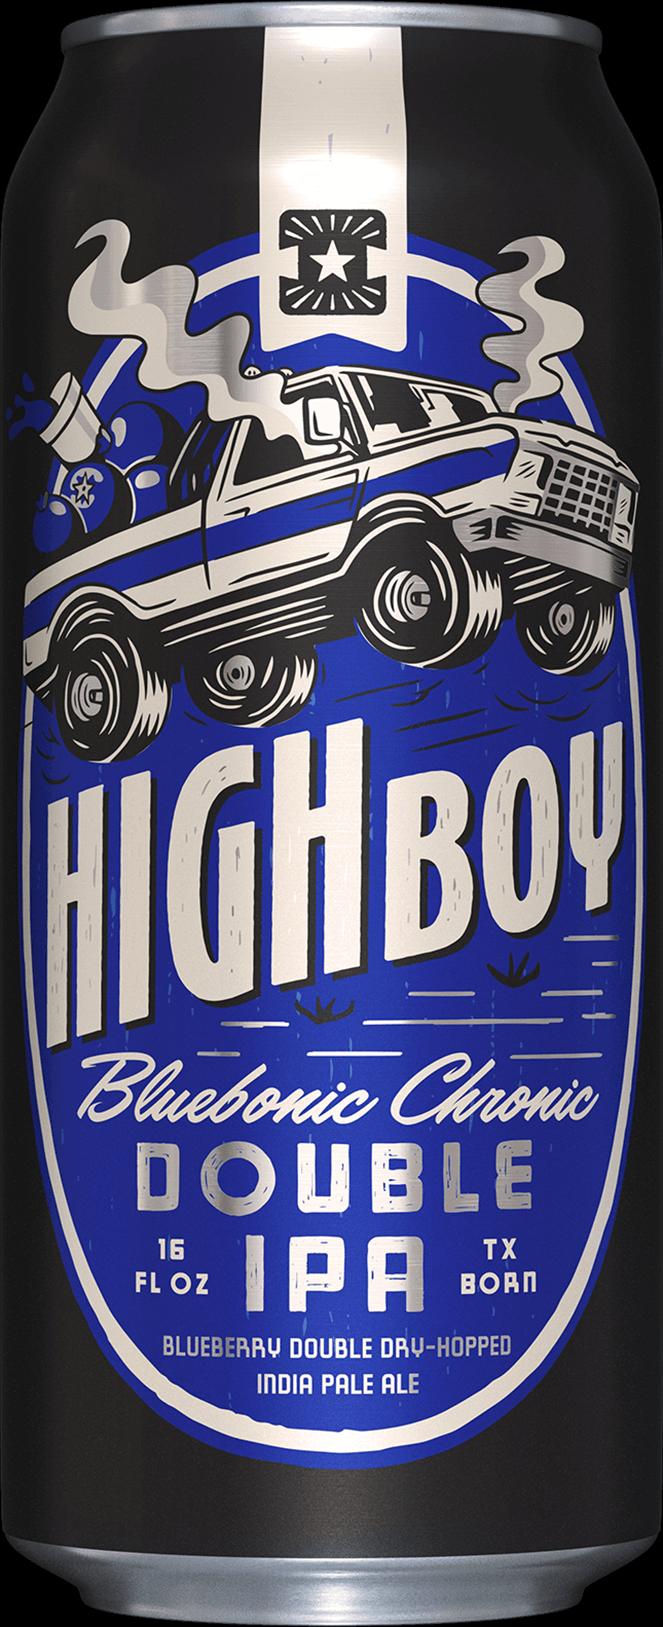 Highboy